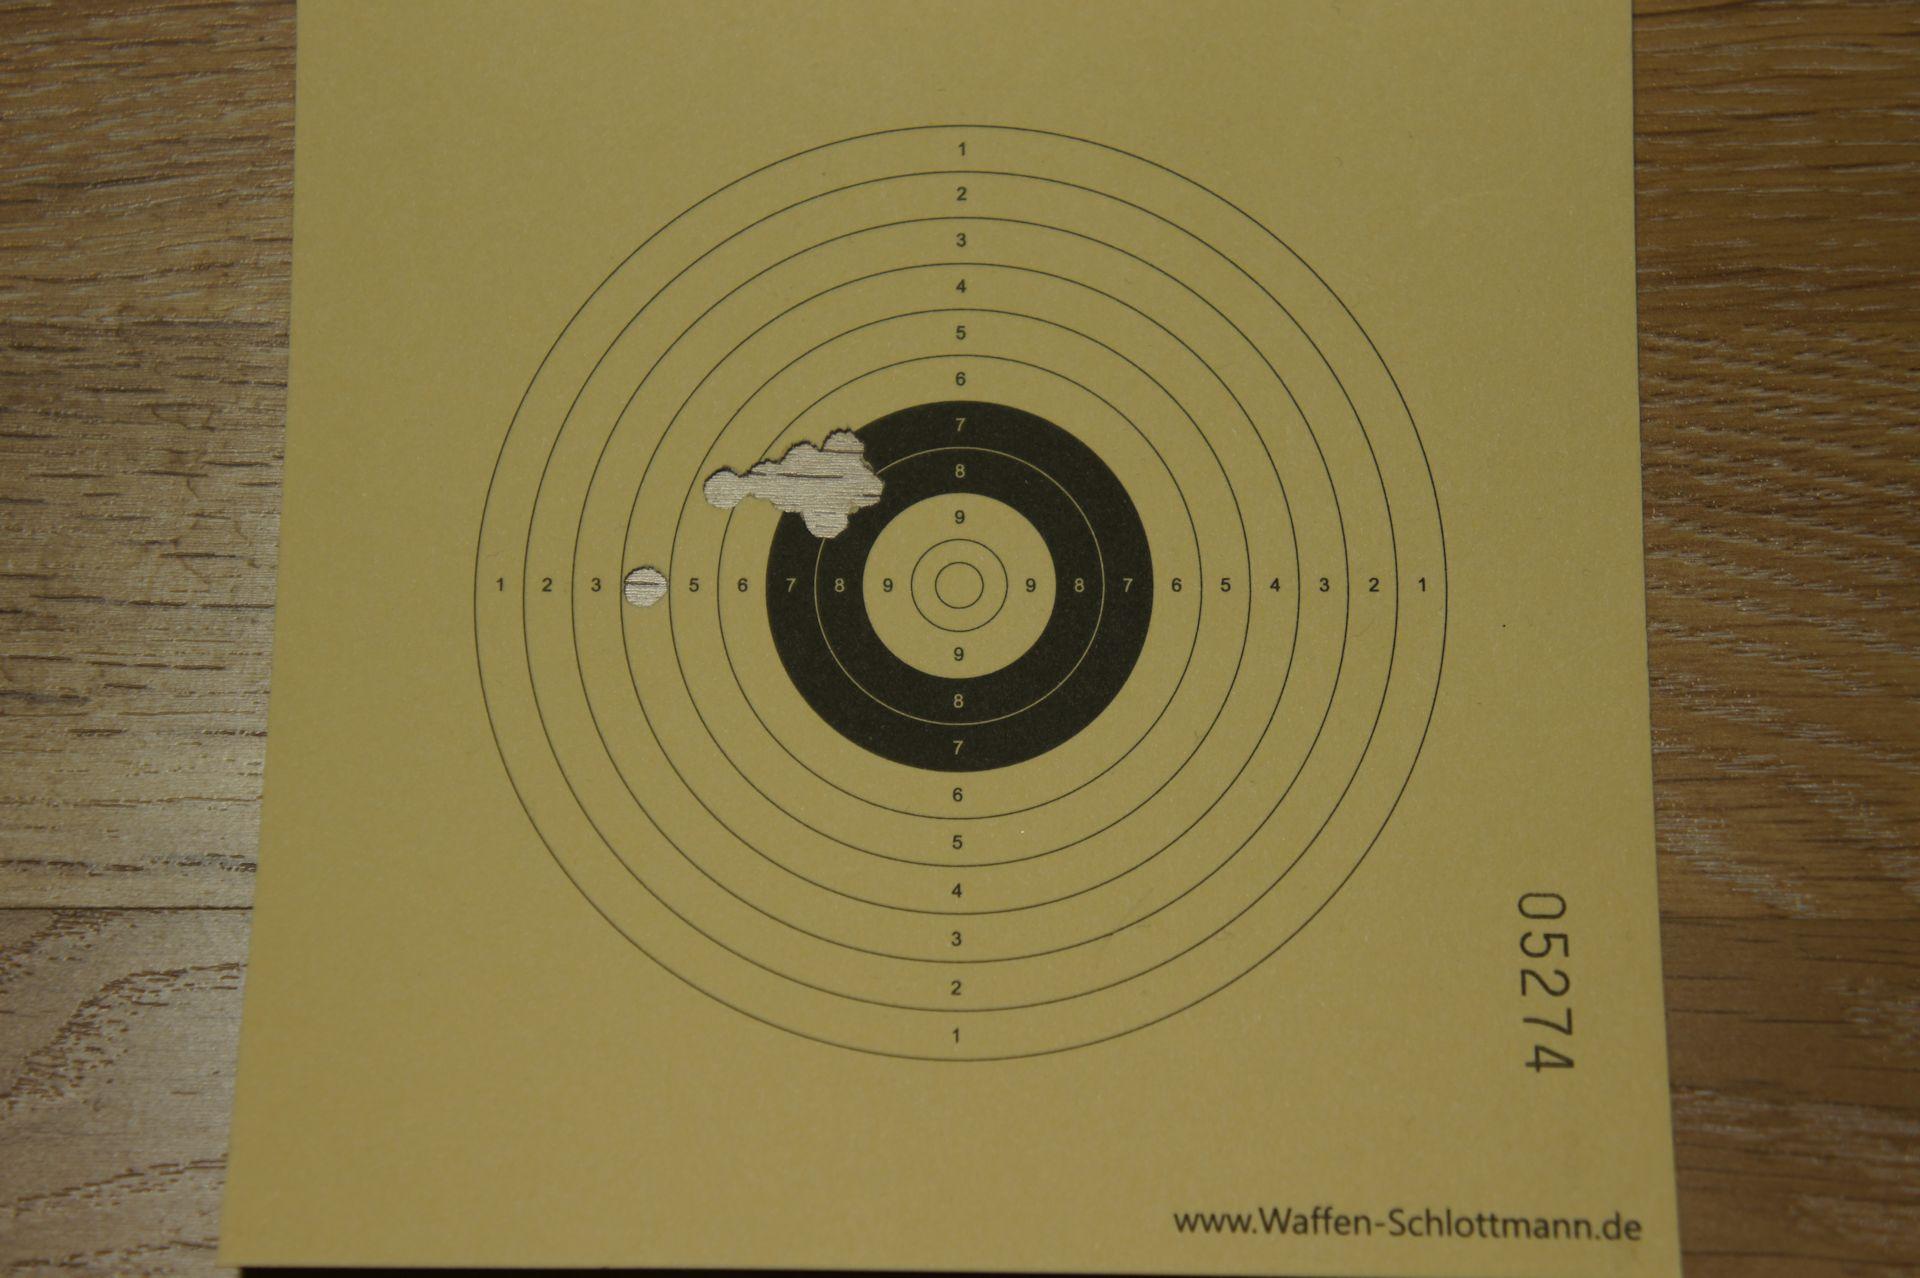 Trefferbild mit dieser Vierung auf 10m mit HW 110. Das können talentiertere Schützen sicherlich besser.